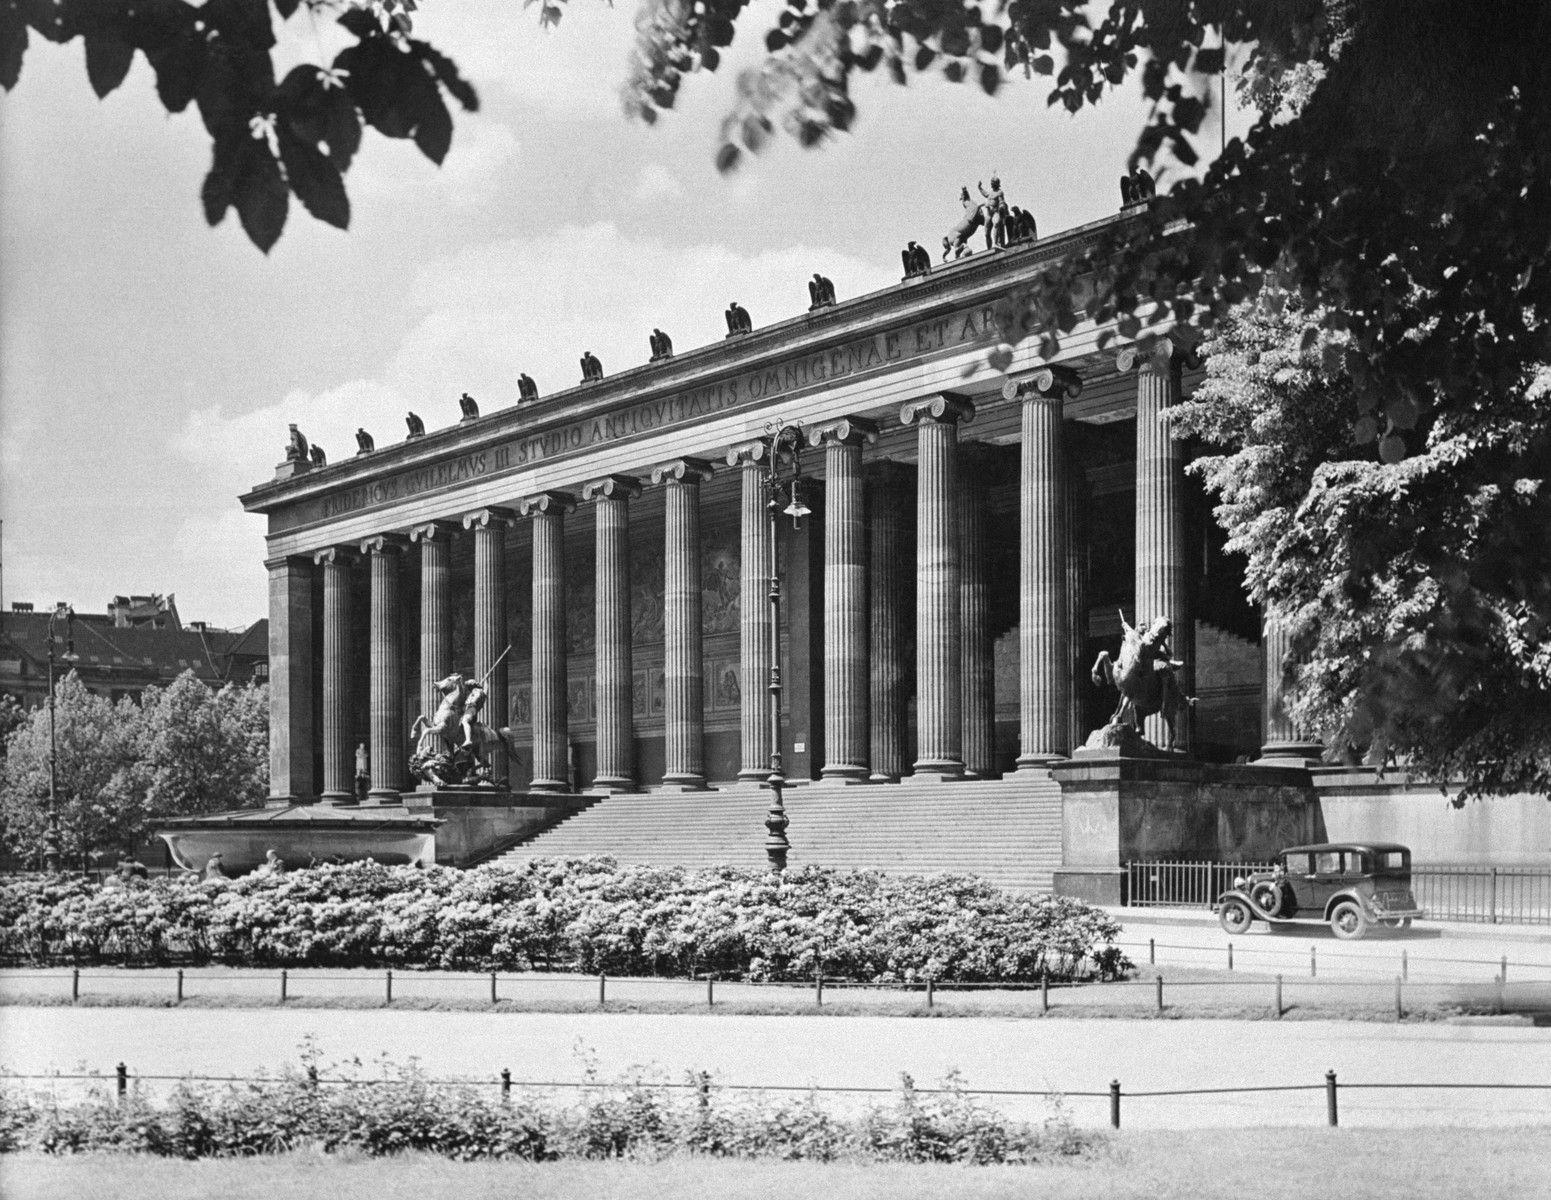 Altes Museum Berlin Mitte Berlin Am Lustgarten Karl Friedrich Schinkel Bildindex Der Kunst Architektur Bil Altes Museum Berlin Museum Architektur